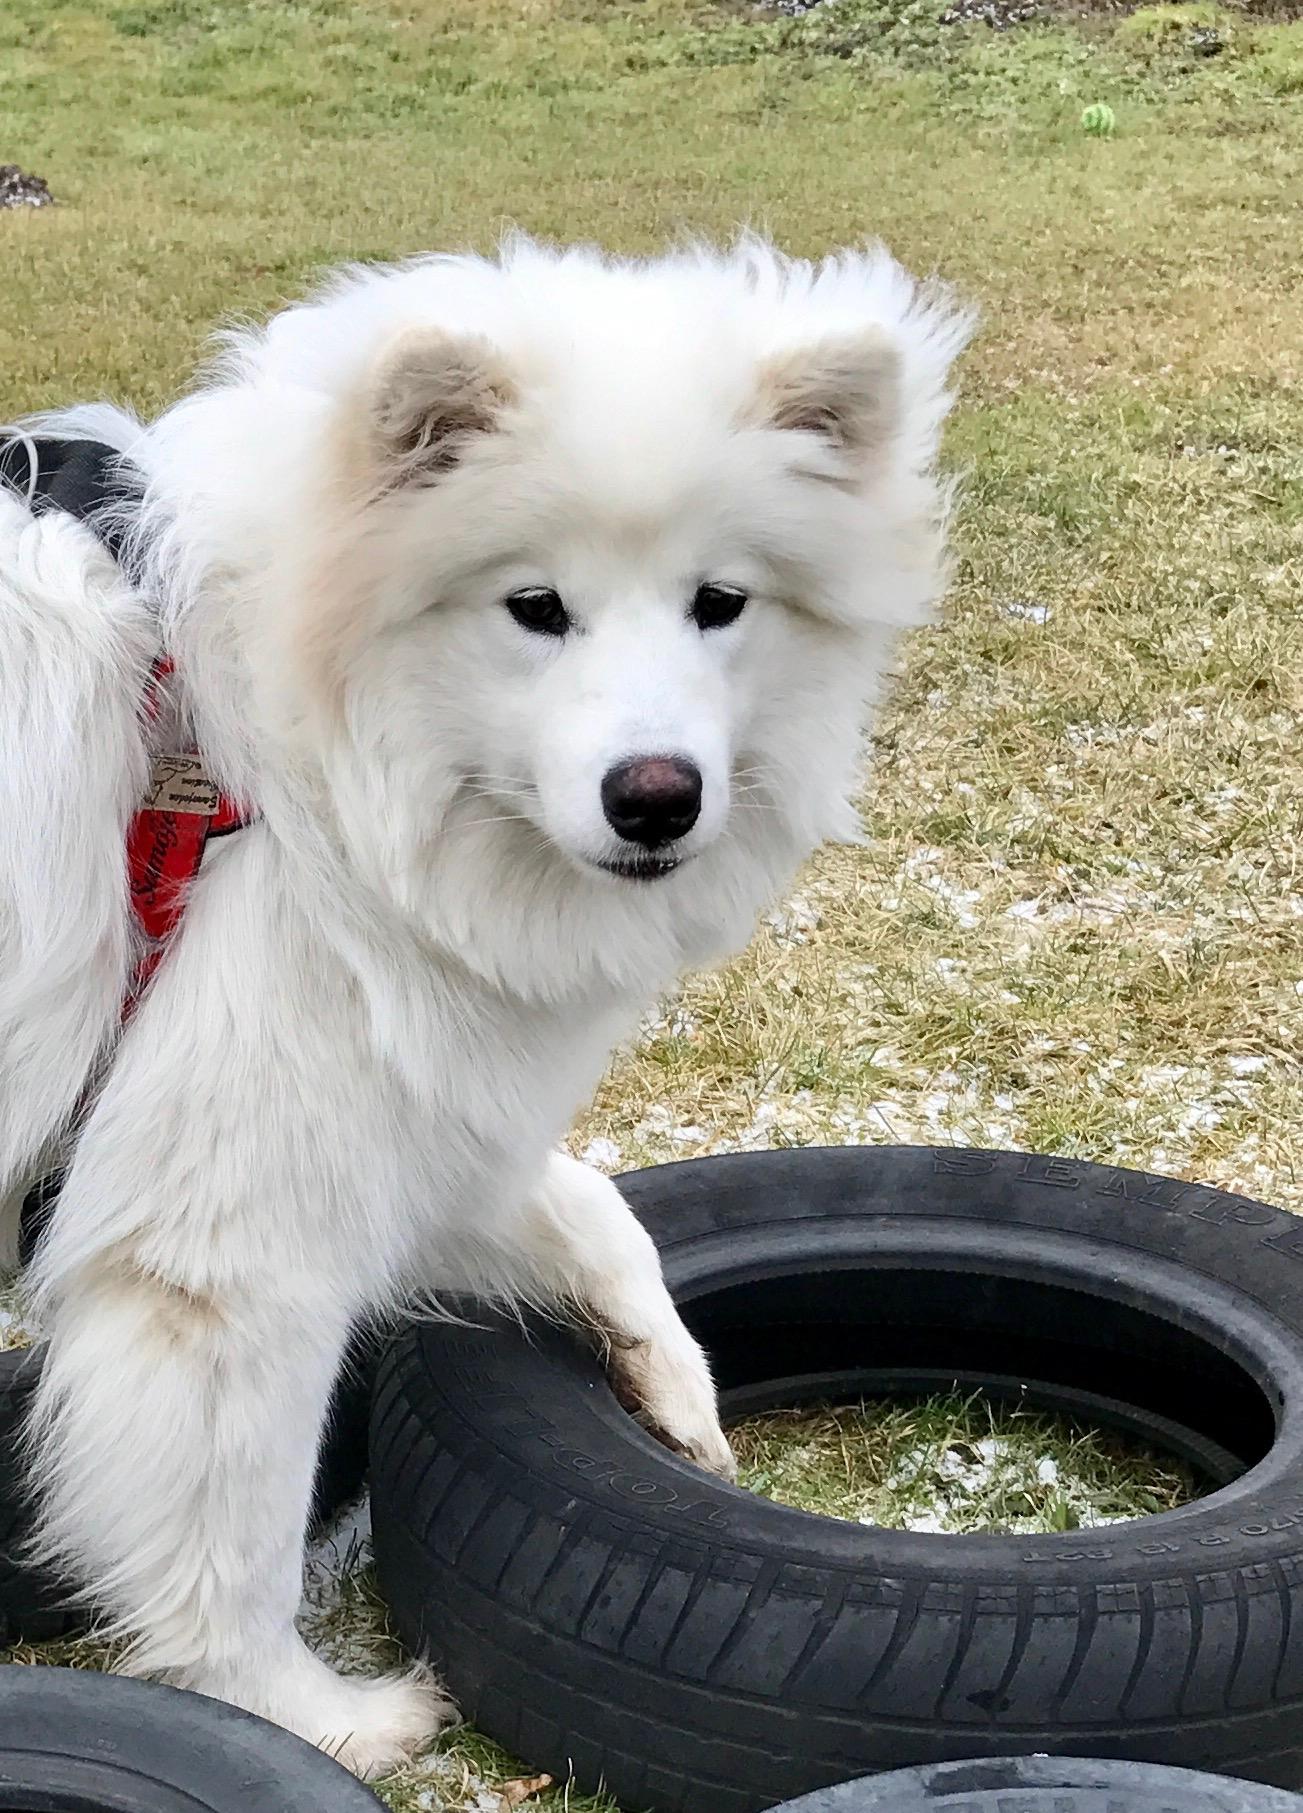 Tamilo erkundet die Reifen